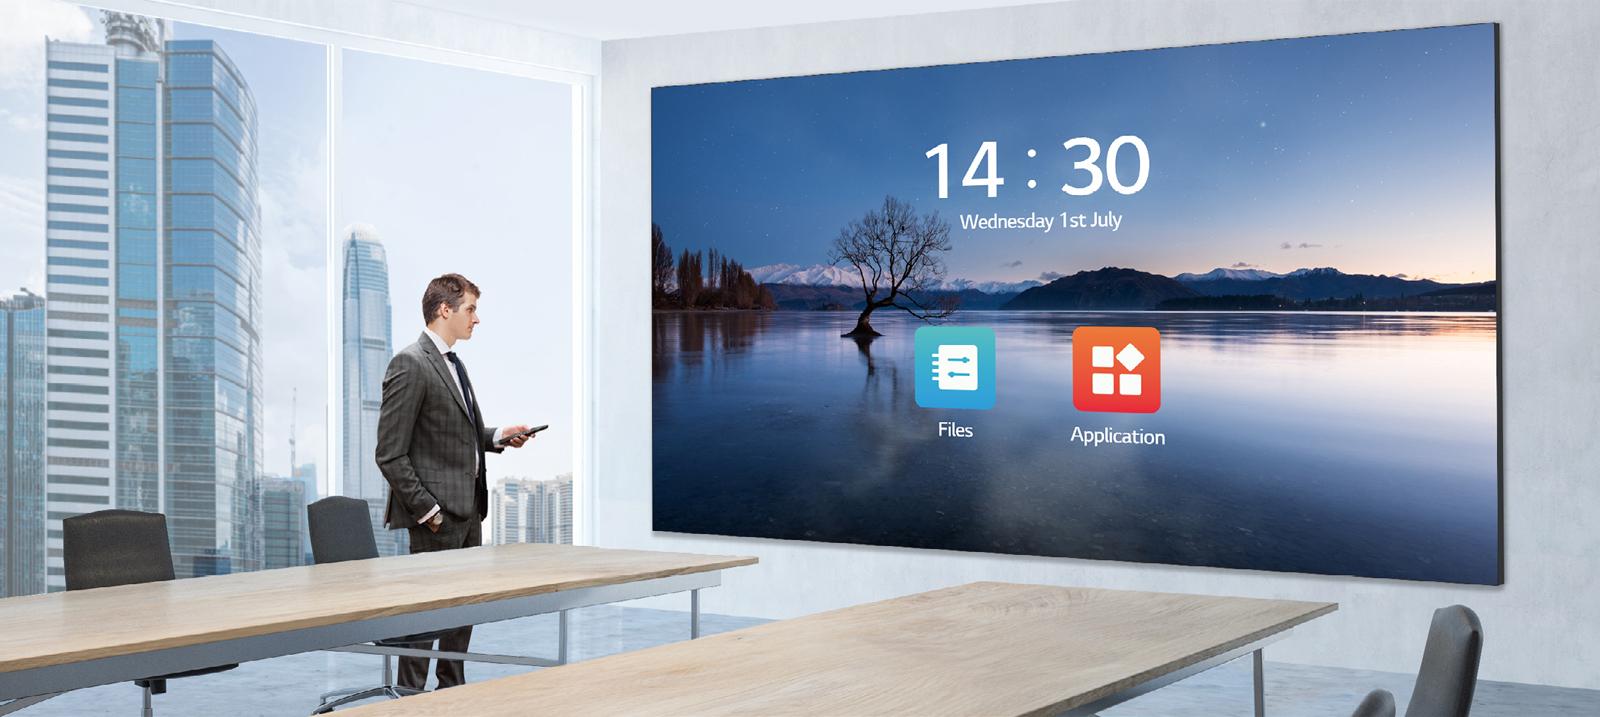 Smart Display Market